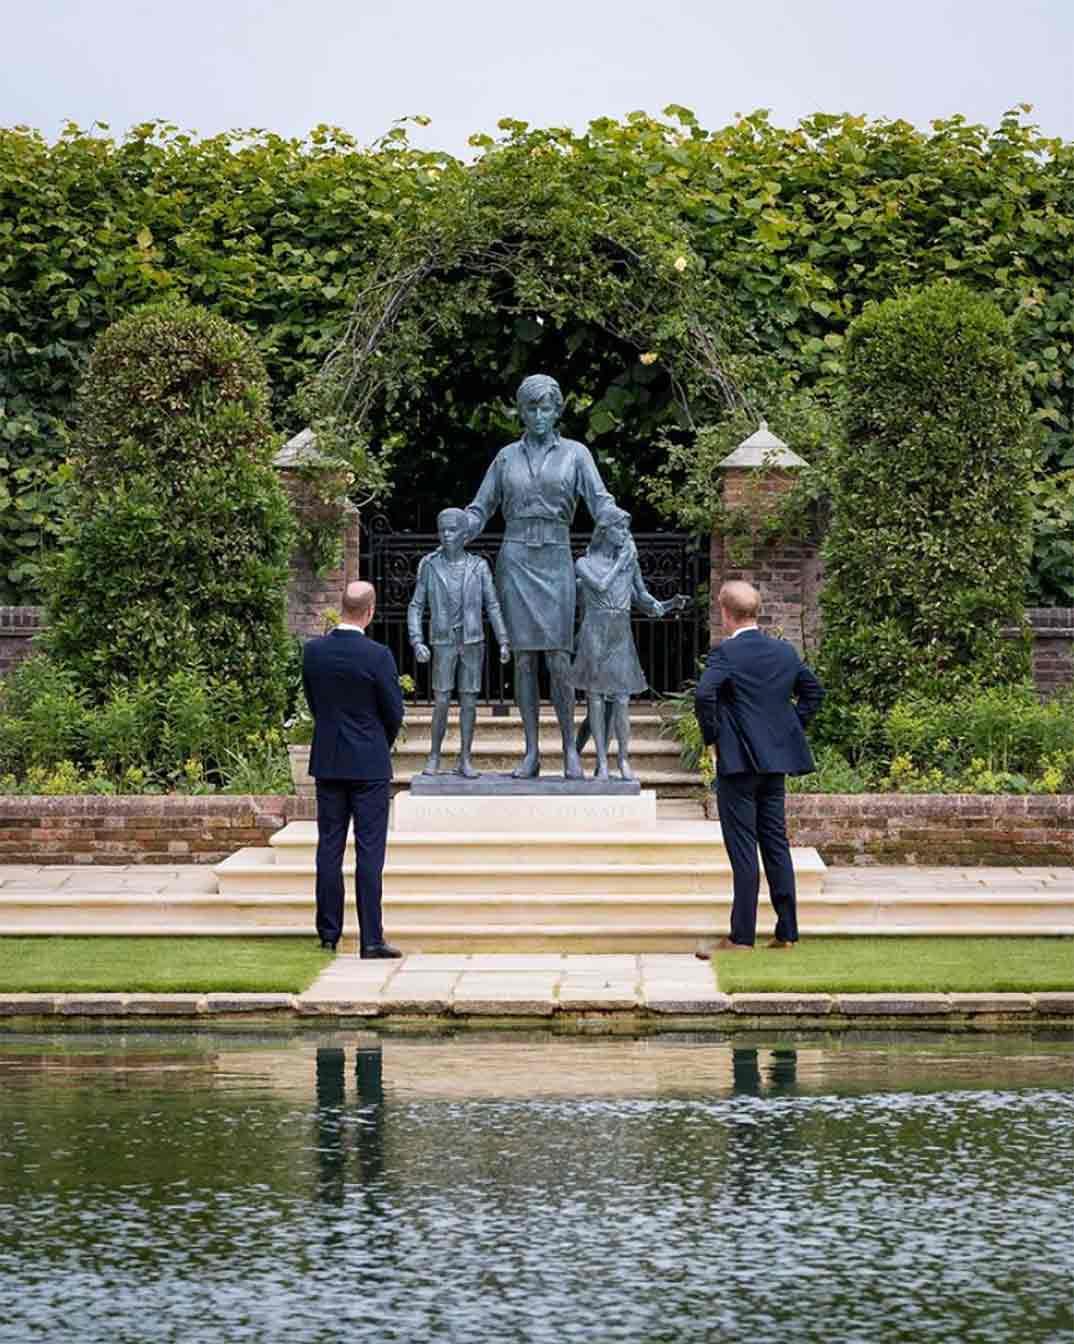 Príncipe Guillermo y Príncipe Harry © dukeandduchessofcambridge